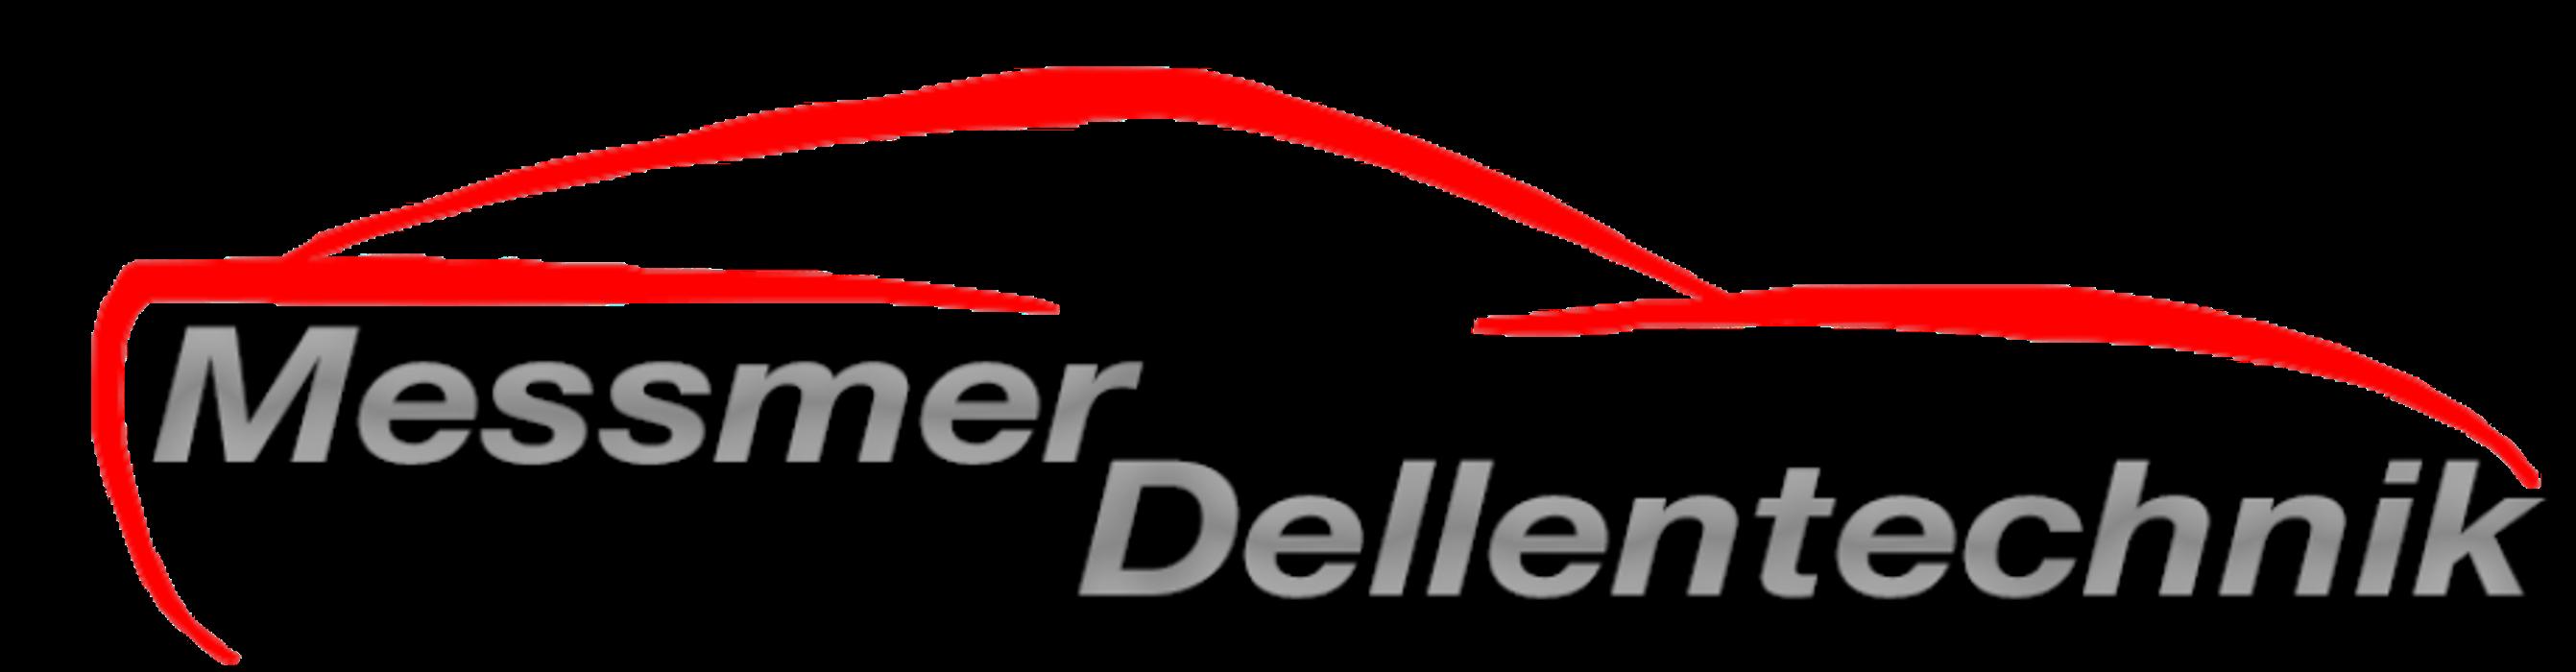 Bild zu Messmer-Dellentechnik in Celle